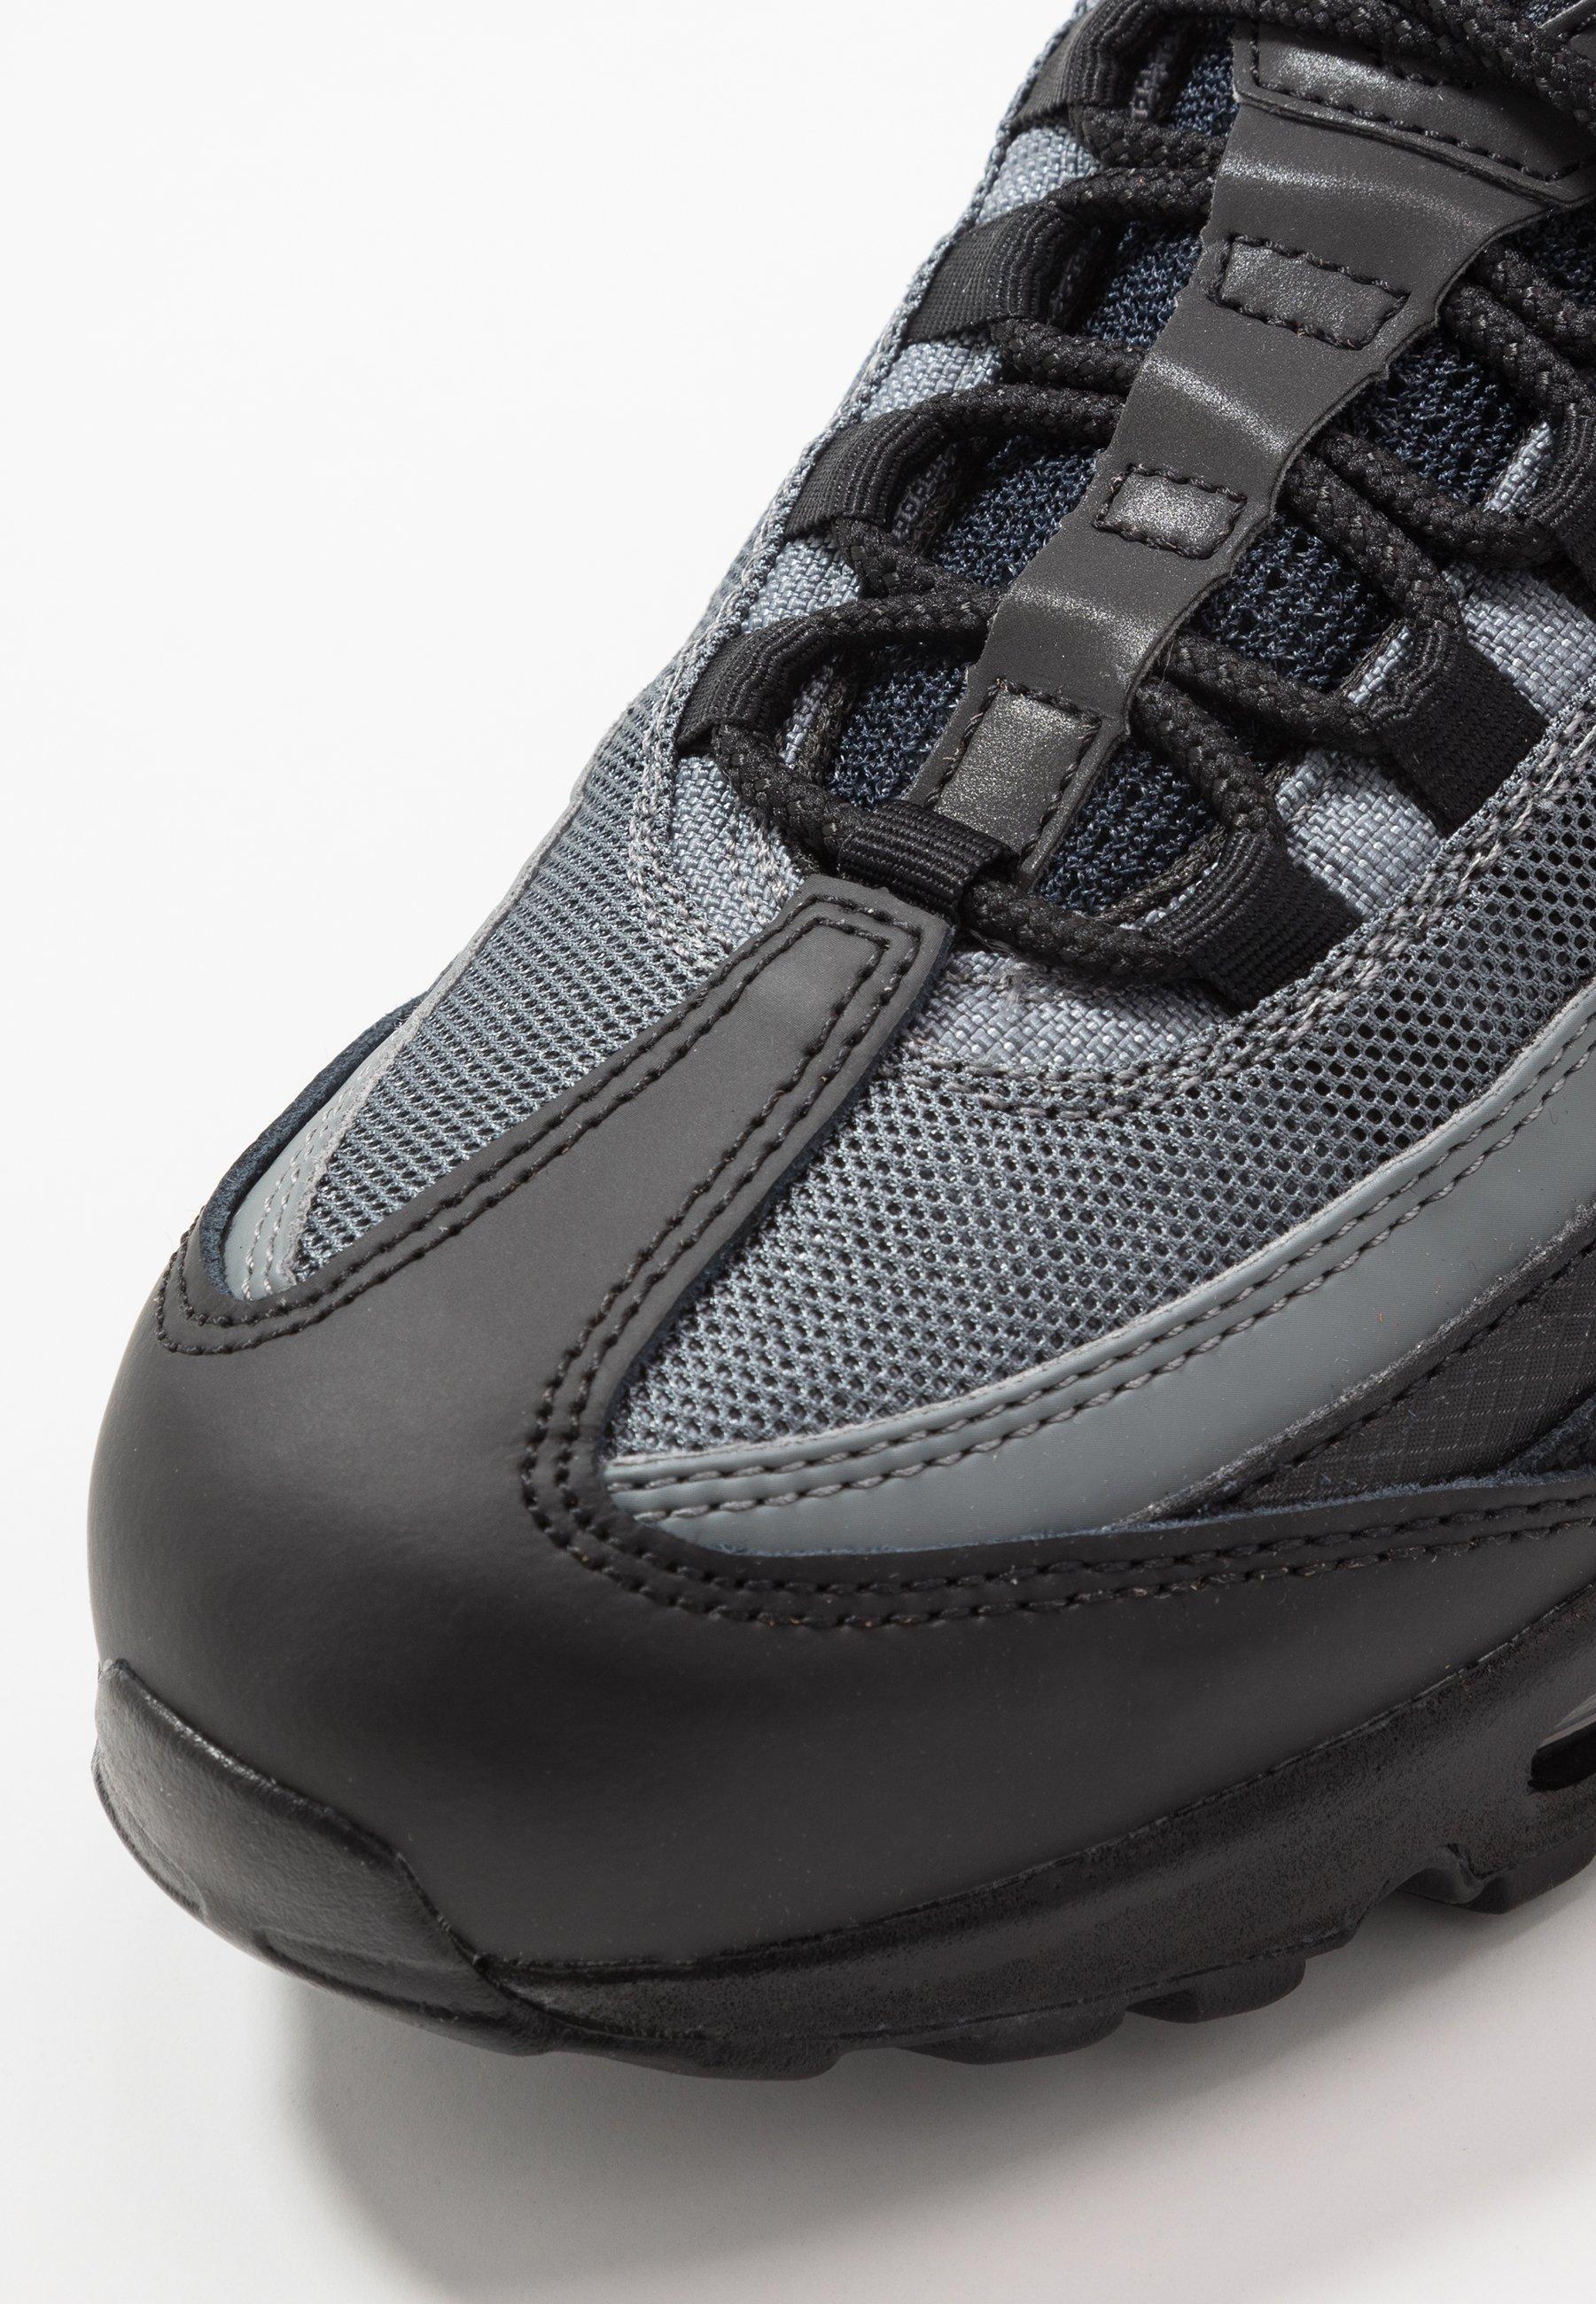 AIR MAX 95 ESSENTIAL Sneakers blackwhitesmoke grey